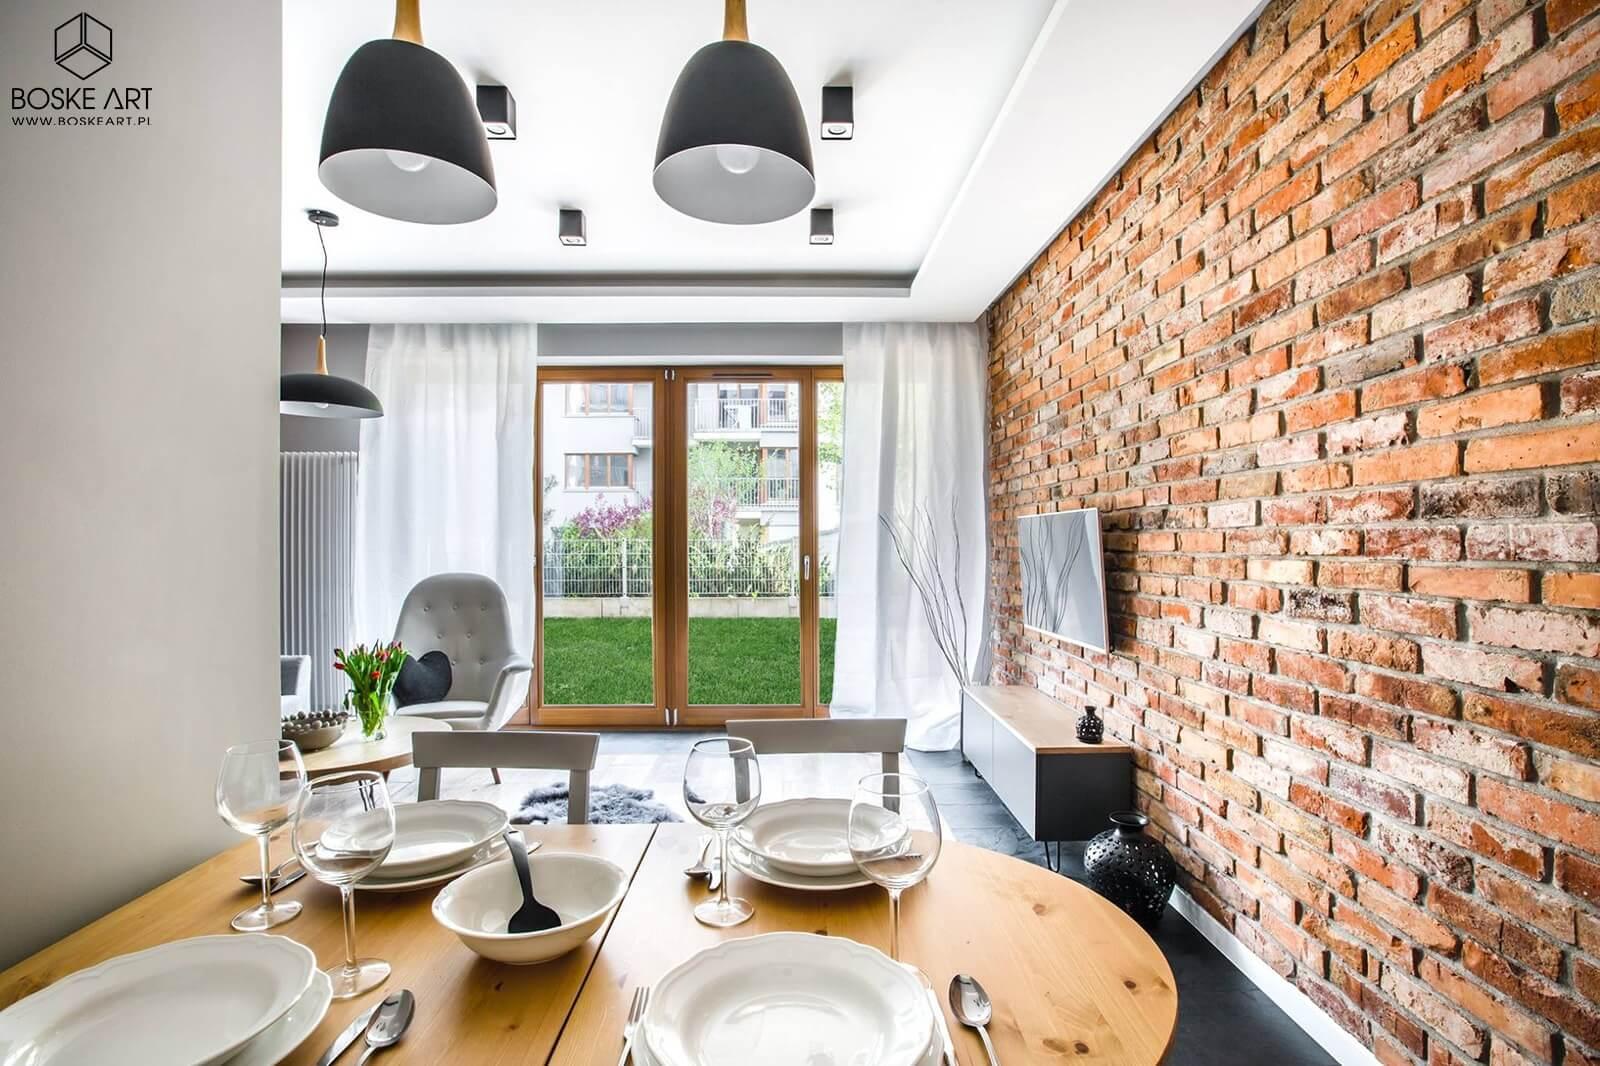 4_apartamenty_poznan_boske_art_projektowanie_aranzacja_architektura_wnetrz_natalia_robaszkeiwicz-min